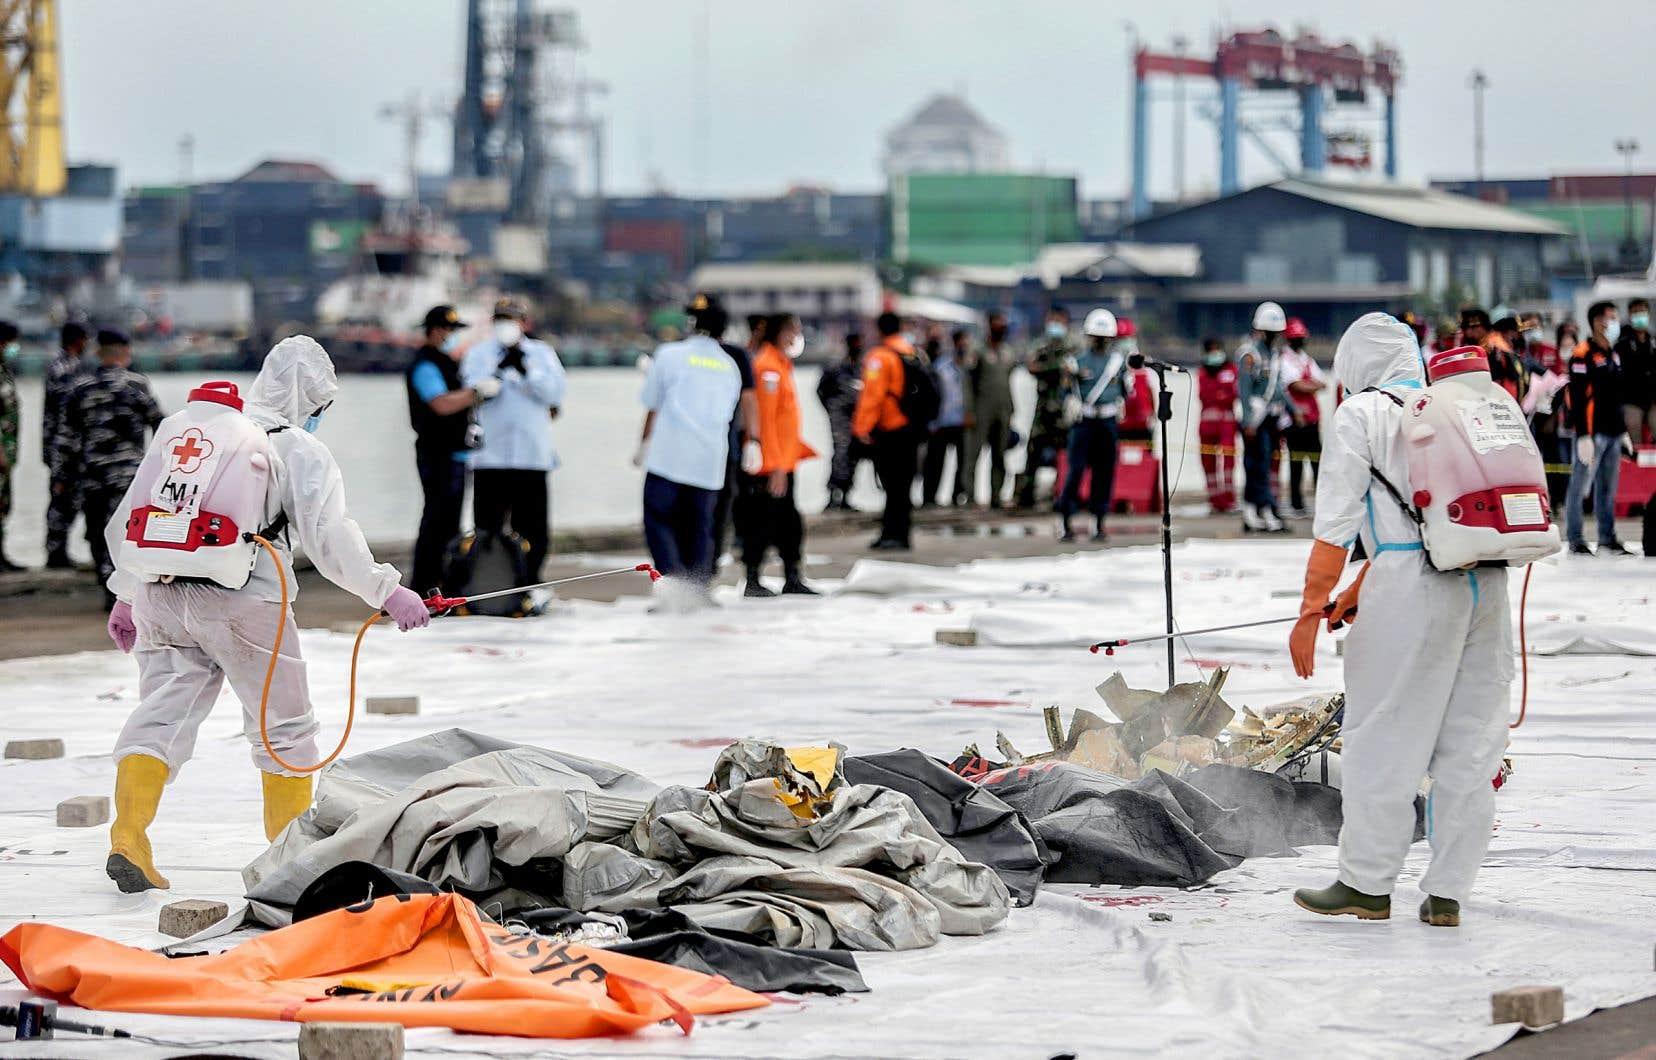 Parmi les débris rapportés au principal port de Jakarta, on pouvait voir un pneu d'avion, des morceaux de fuselage aux couleurs de la compagnie ou encore un vêtement rose d'enfant.